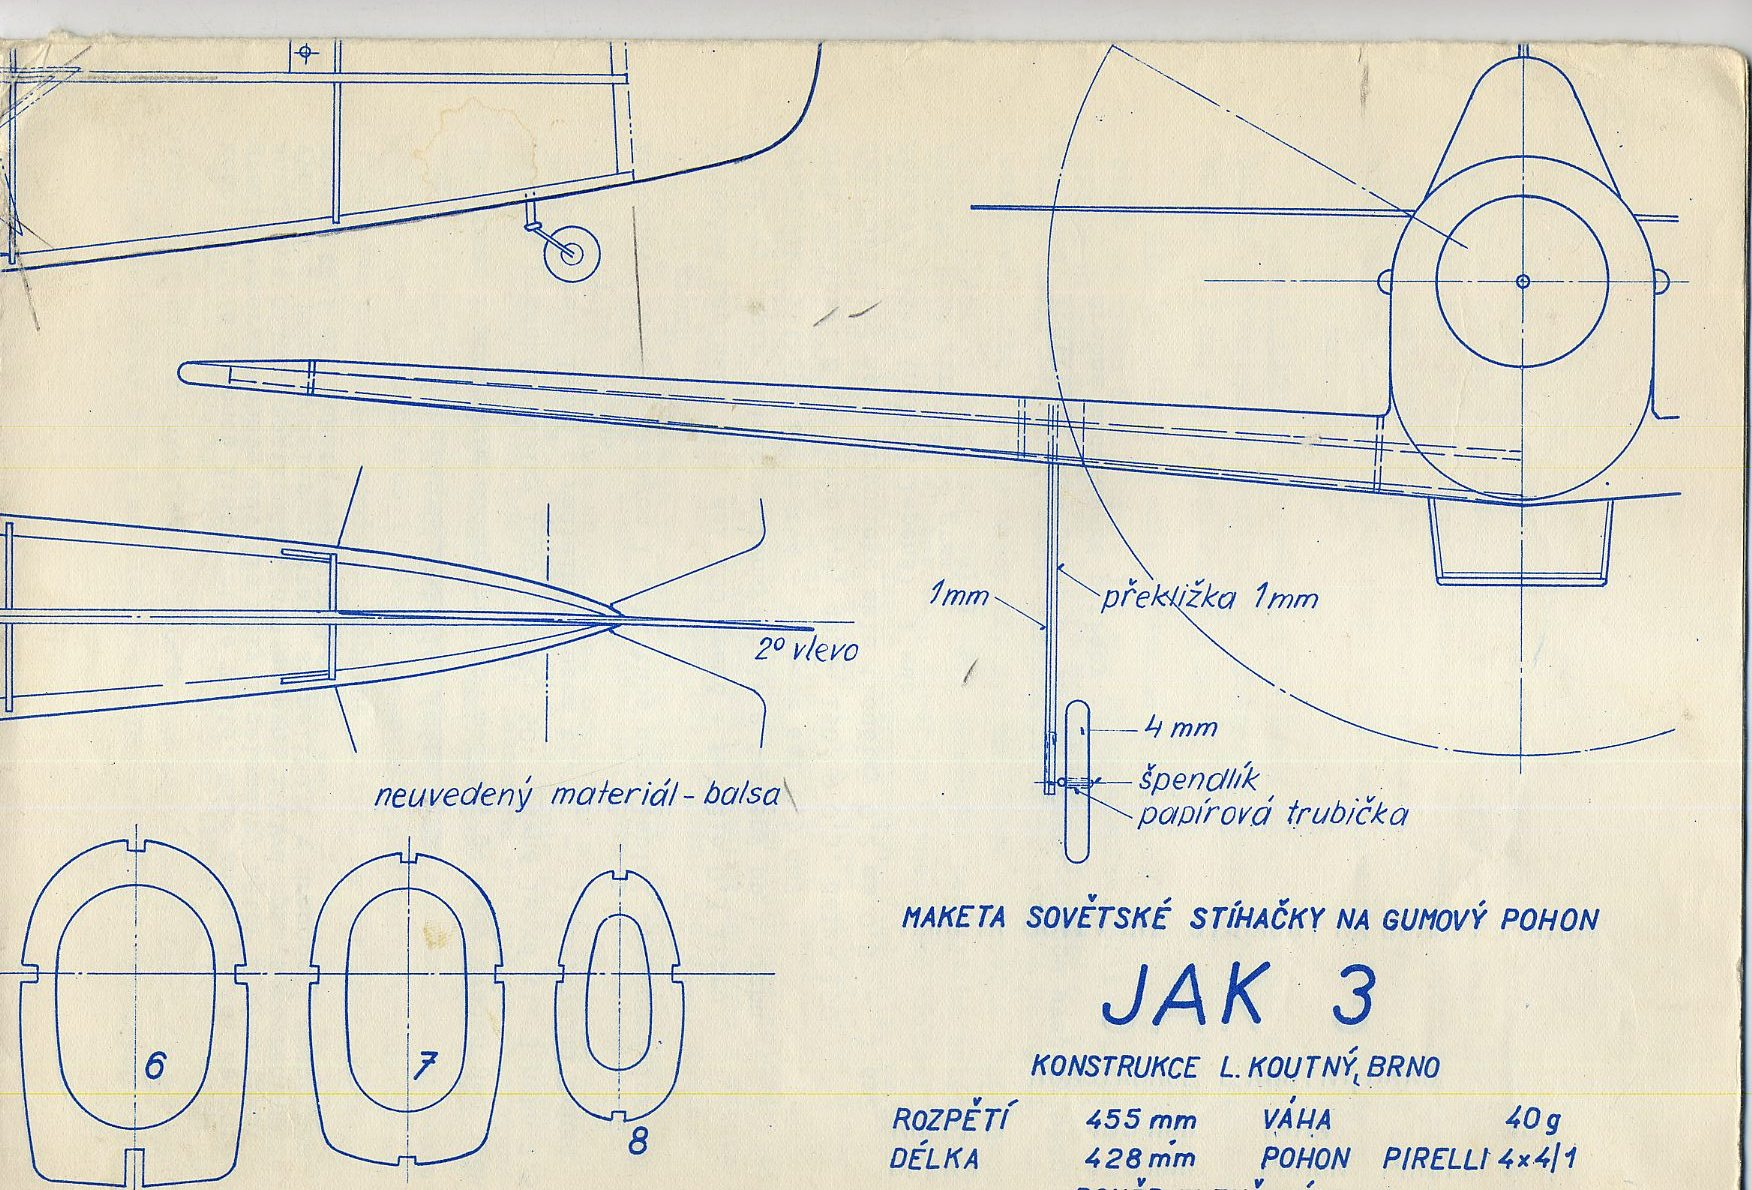 Радиоуправляемый самолет своими руками чертежи